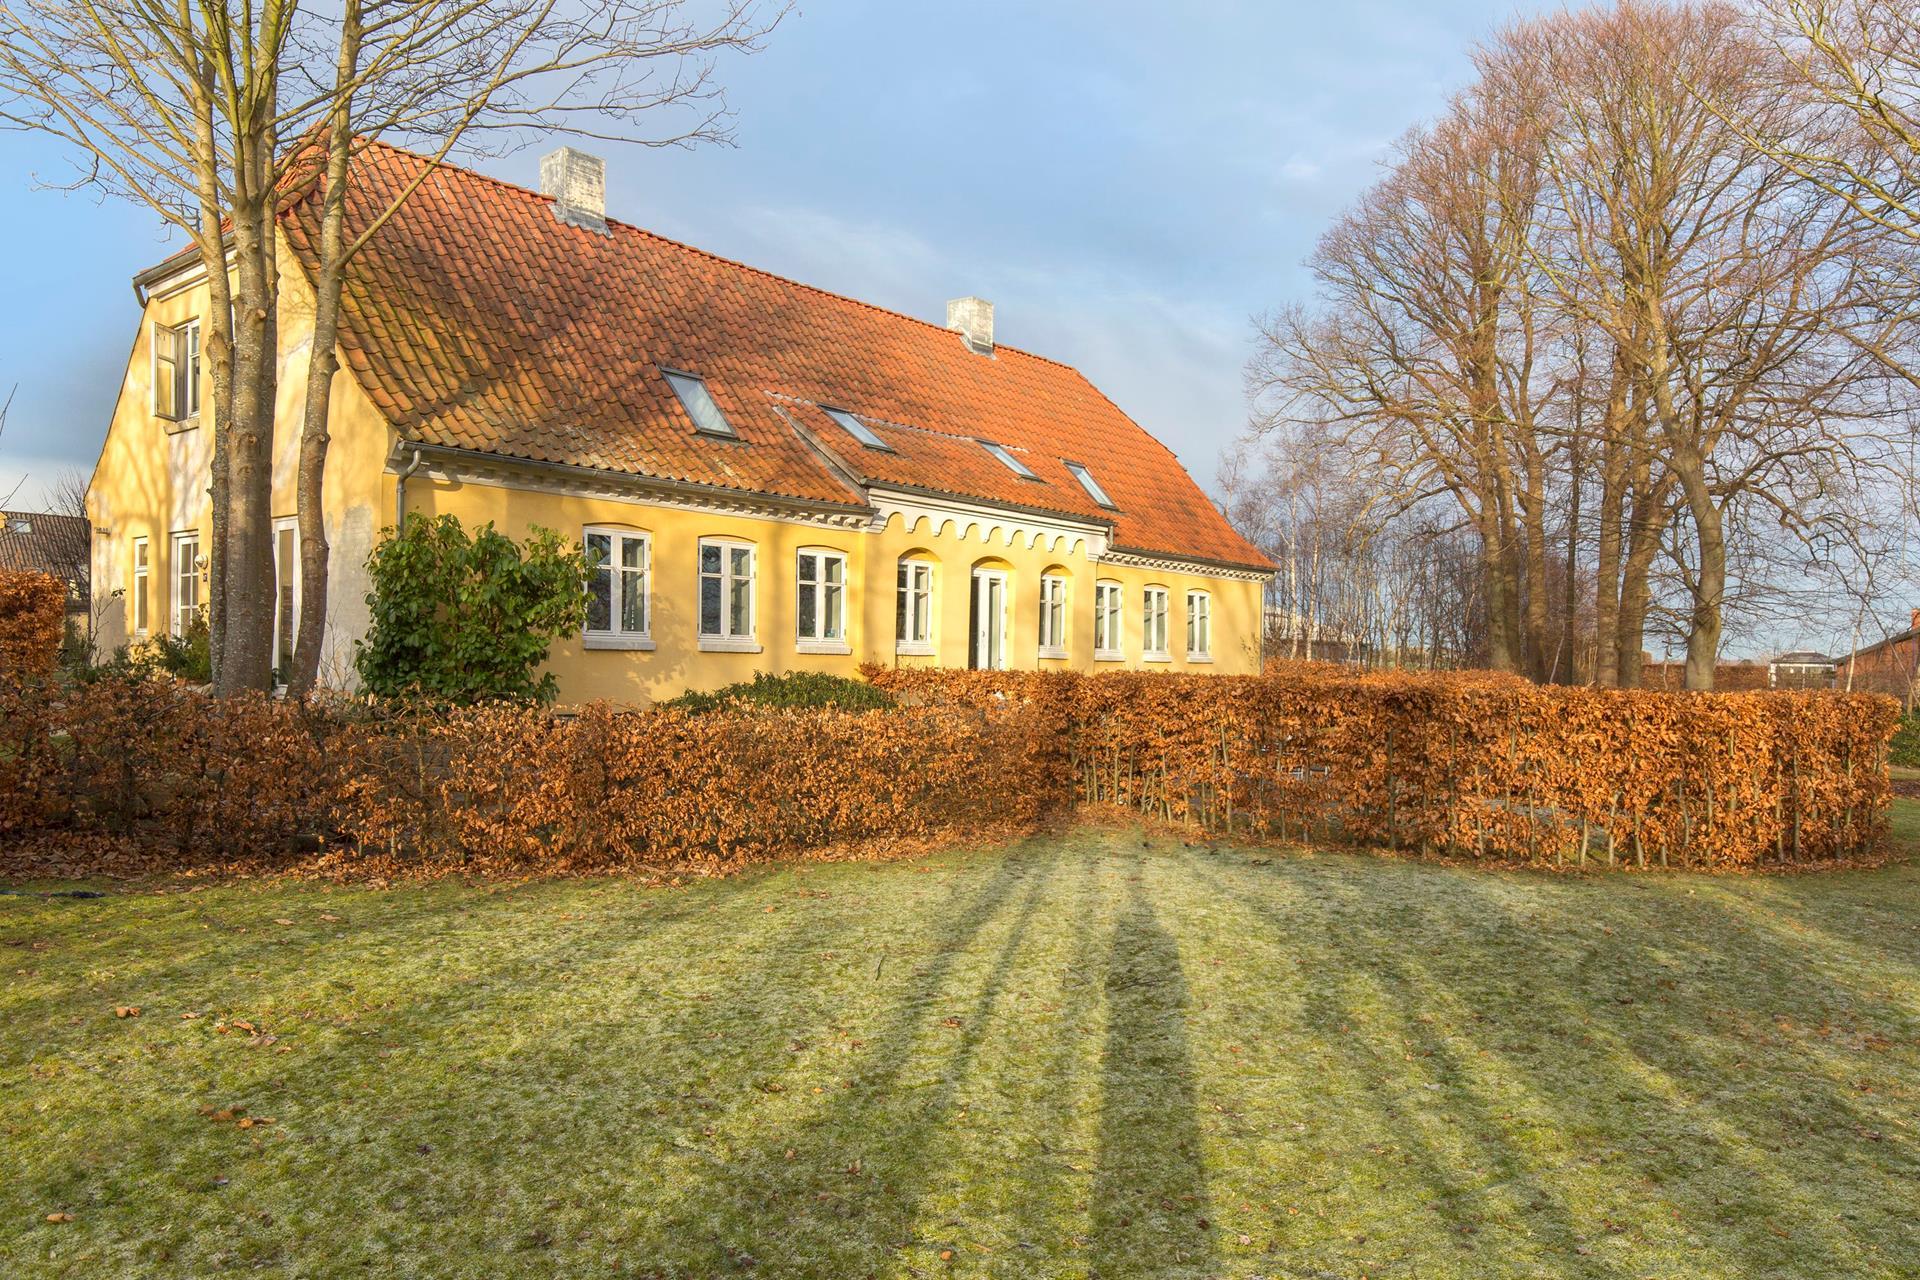 Rækkehus på Søsumvej i Veksø Sjælland - Ejendommen